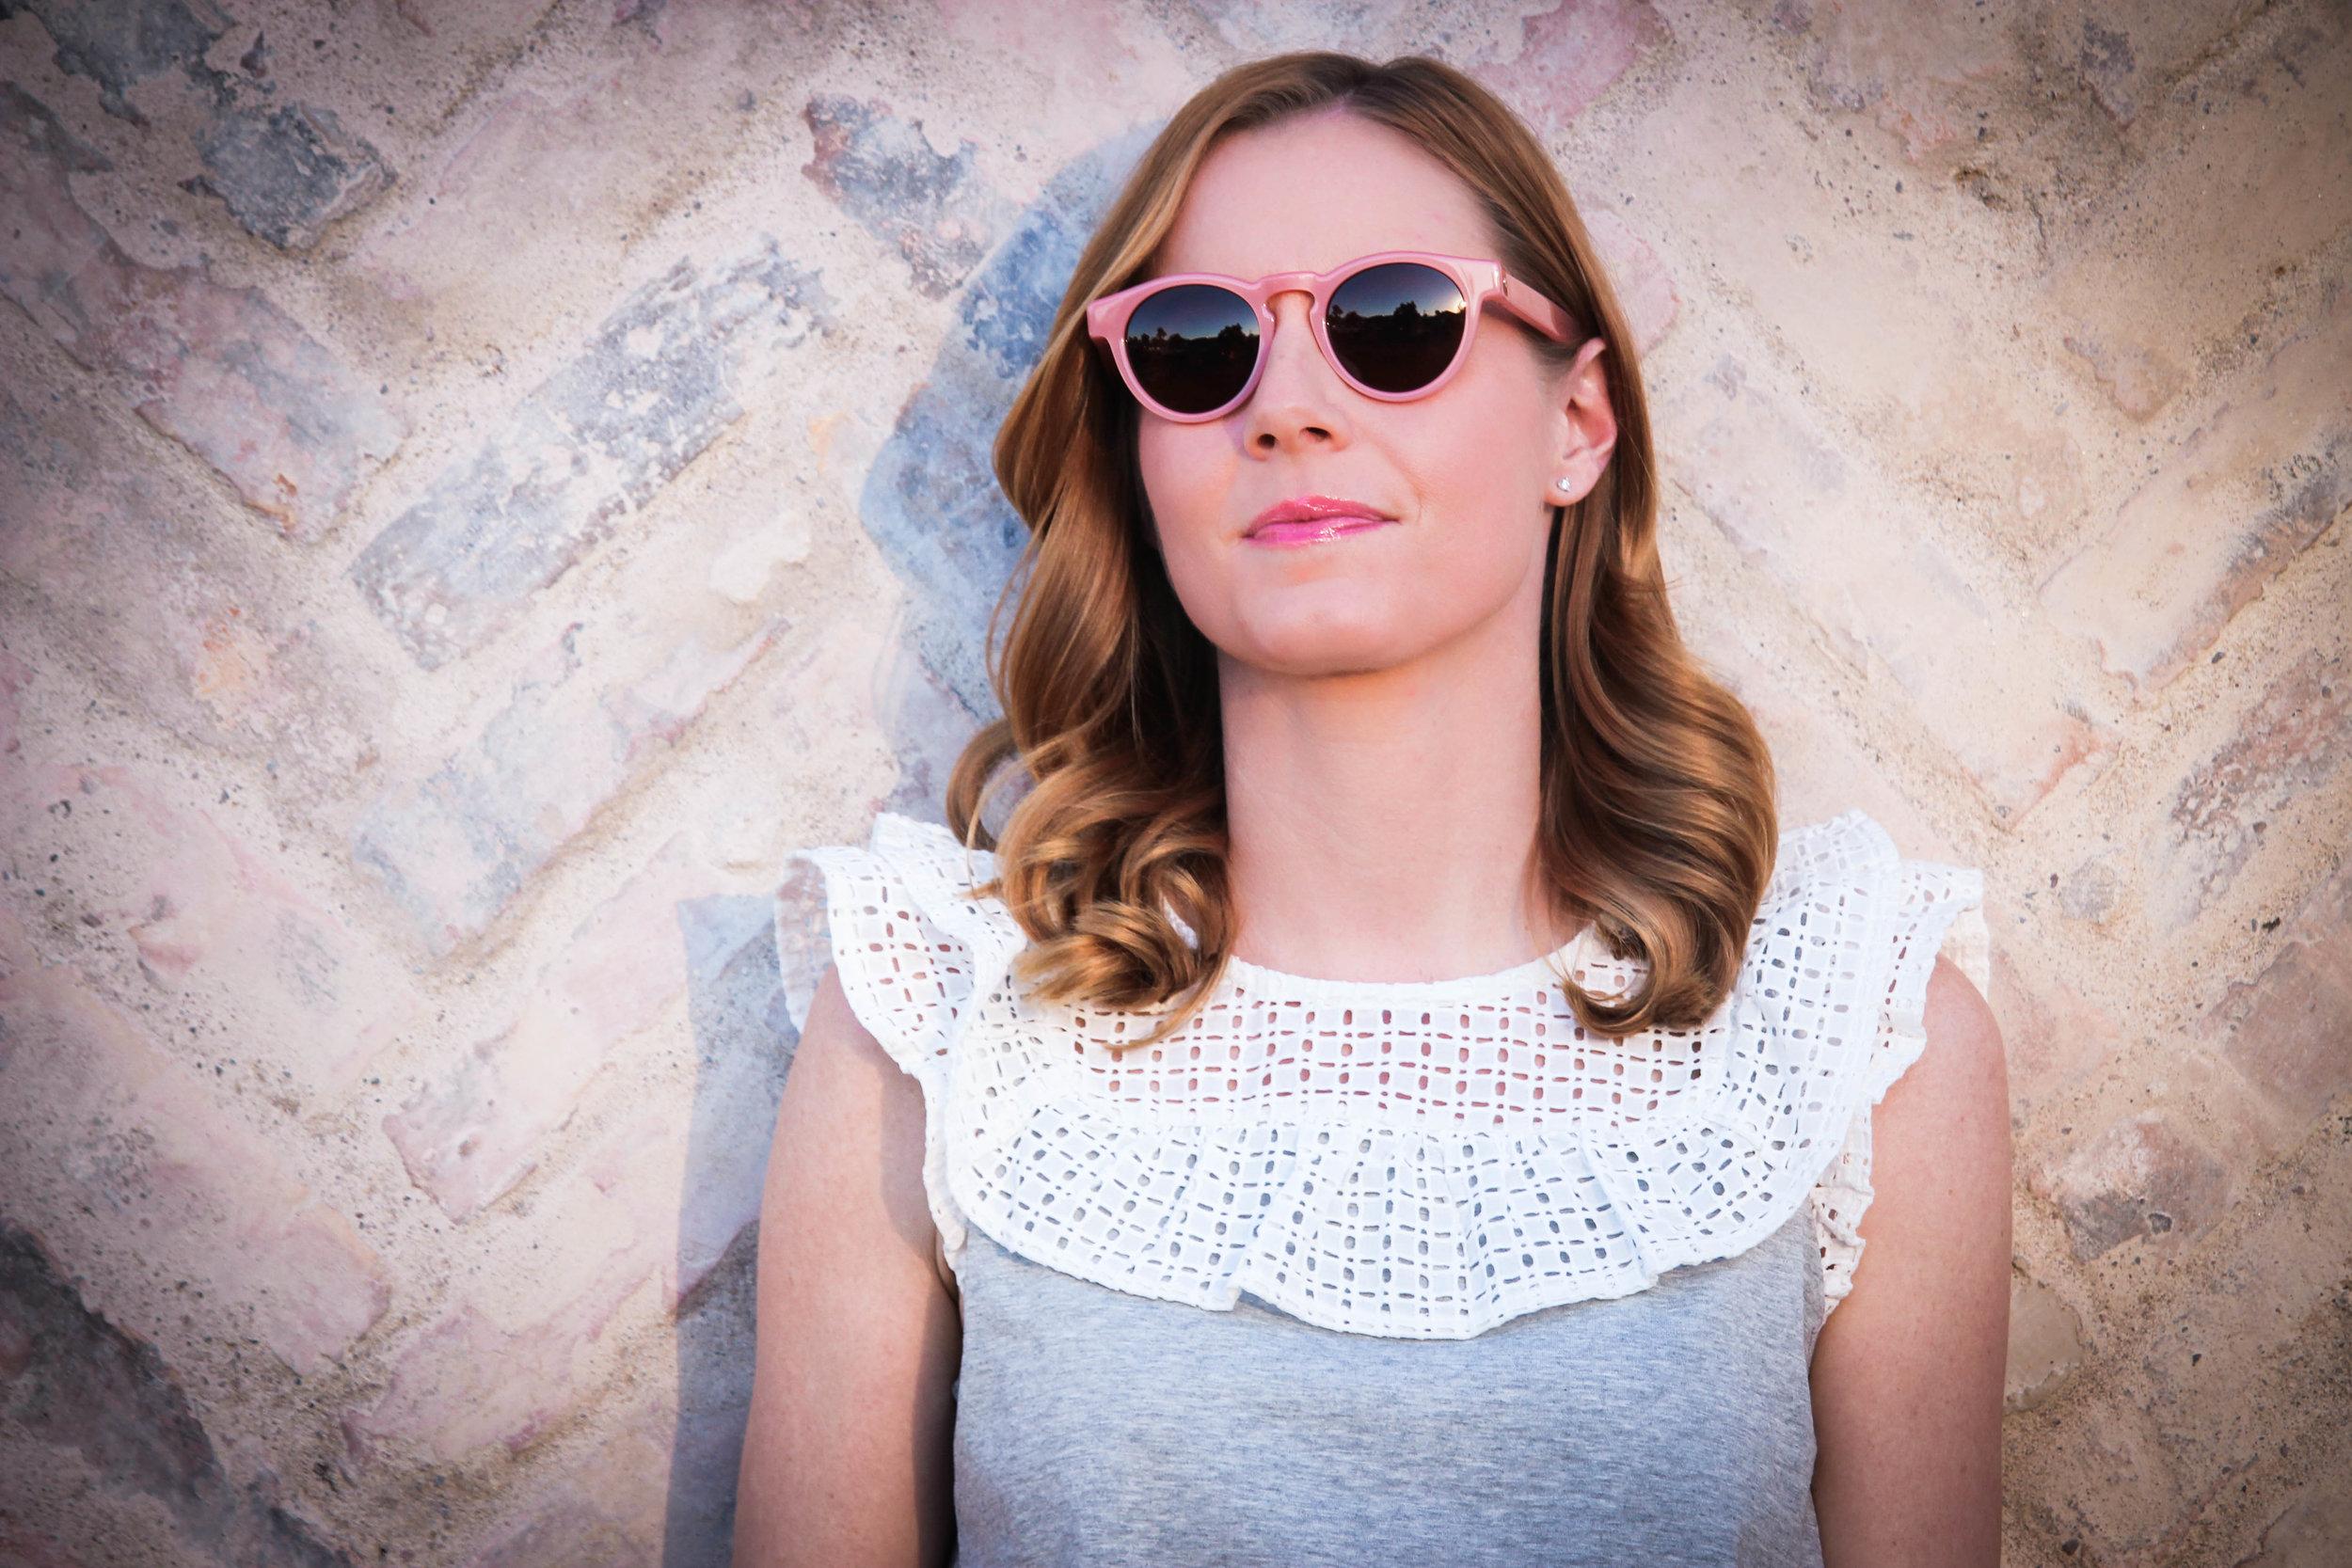 JCrew-Sunglasses.jpg